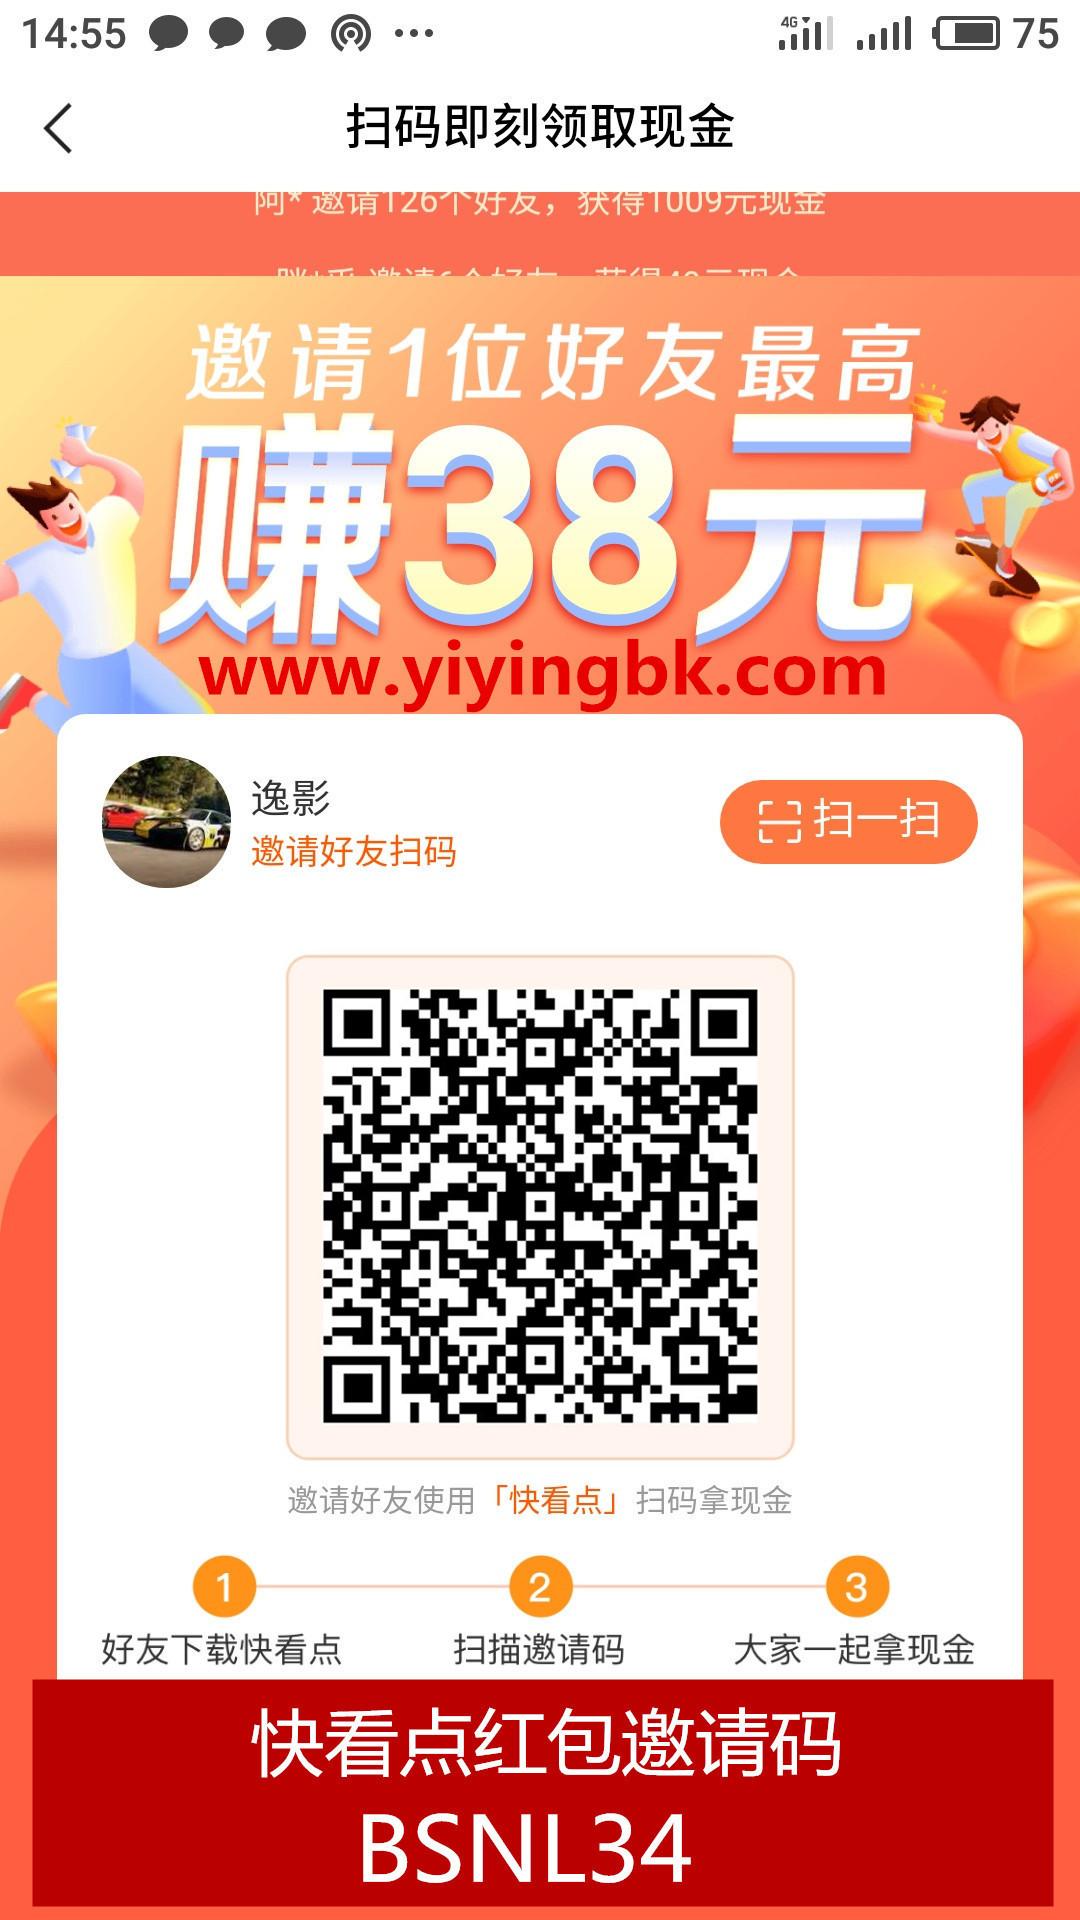 快看点红包邀请码BSNL34,快看点扫二维码领红包。www.yiyingbk.com